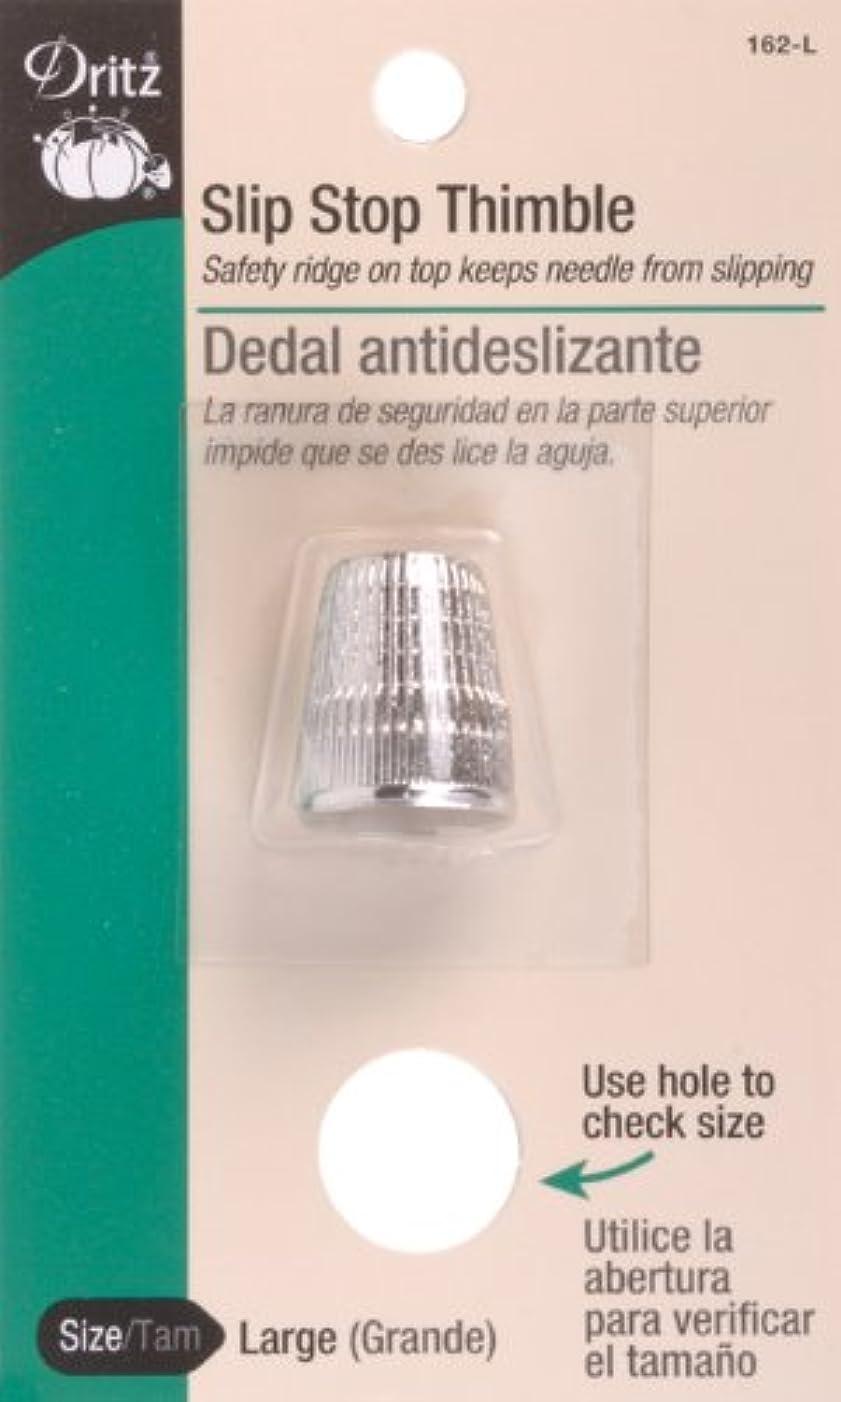 Dritz 162-L Slip Stop Thimble, Size Large